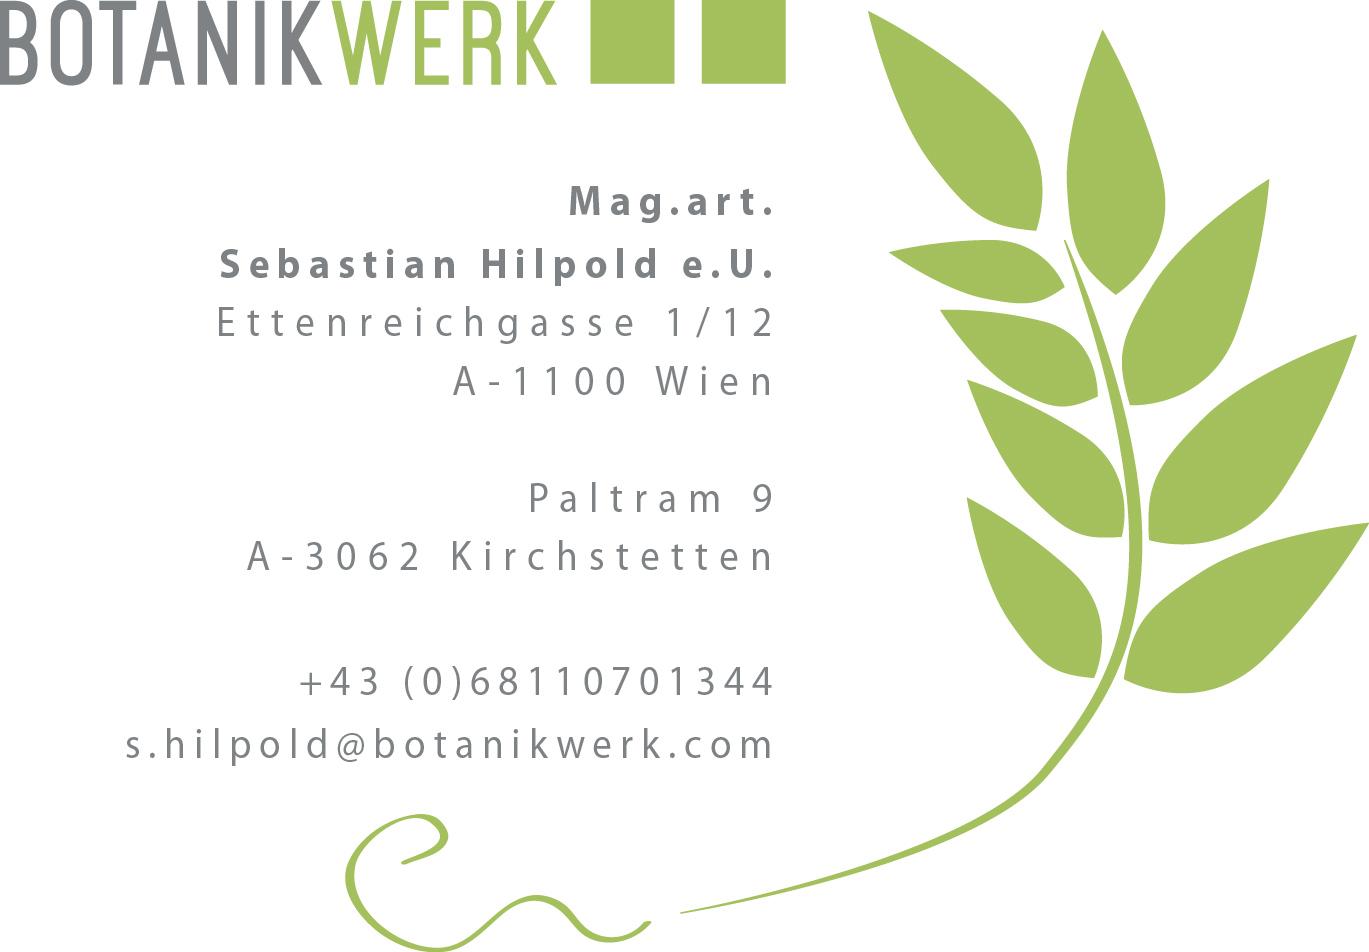 BotanikWerk Logo 2 rgb